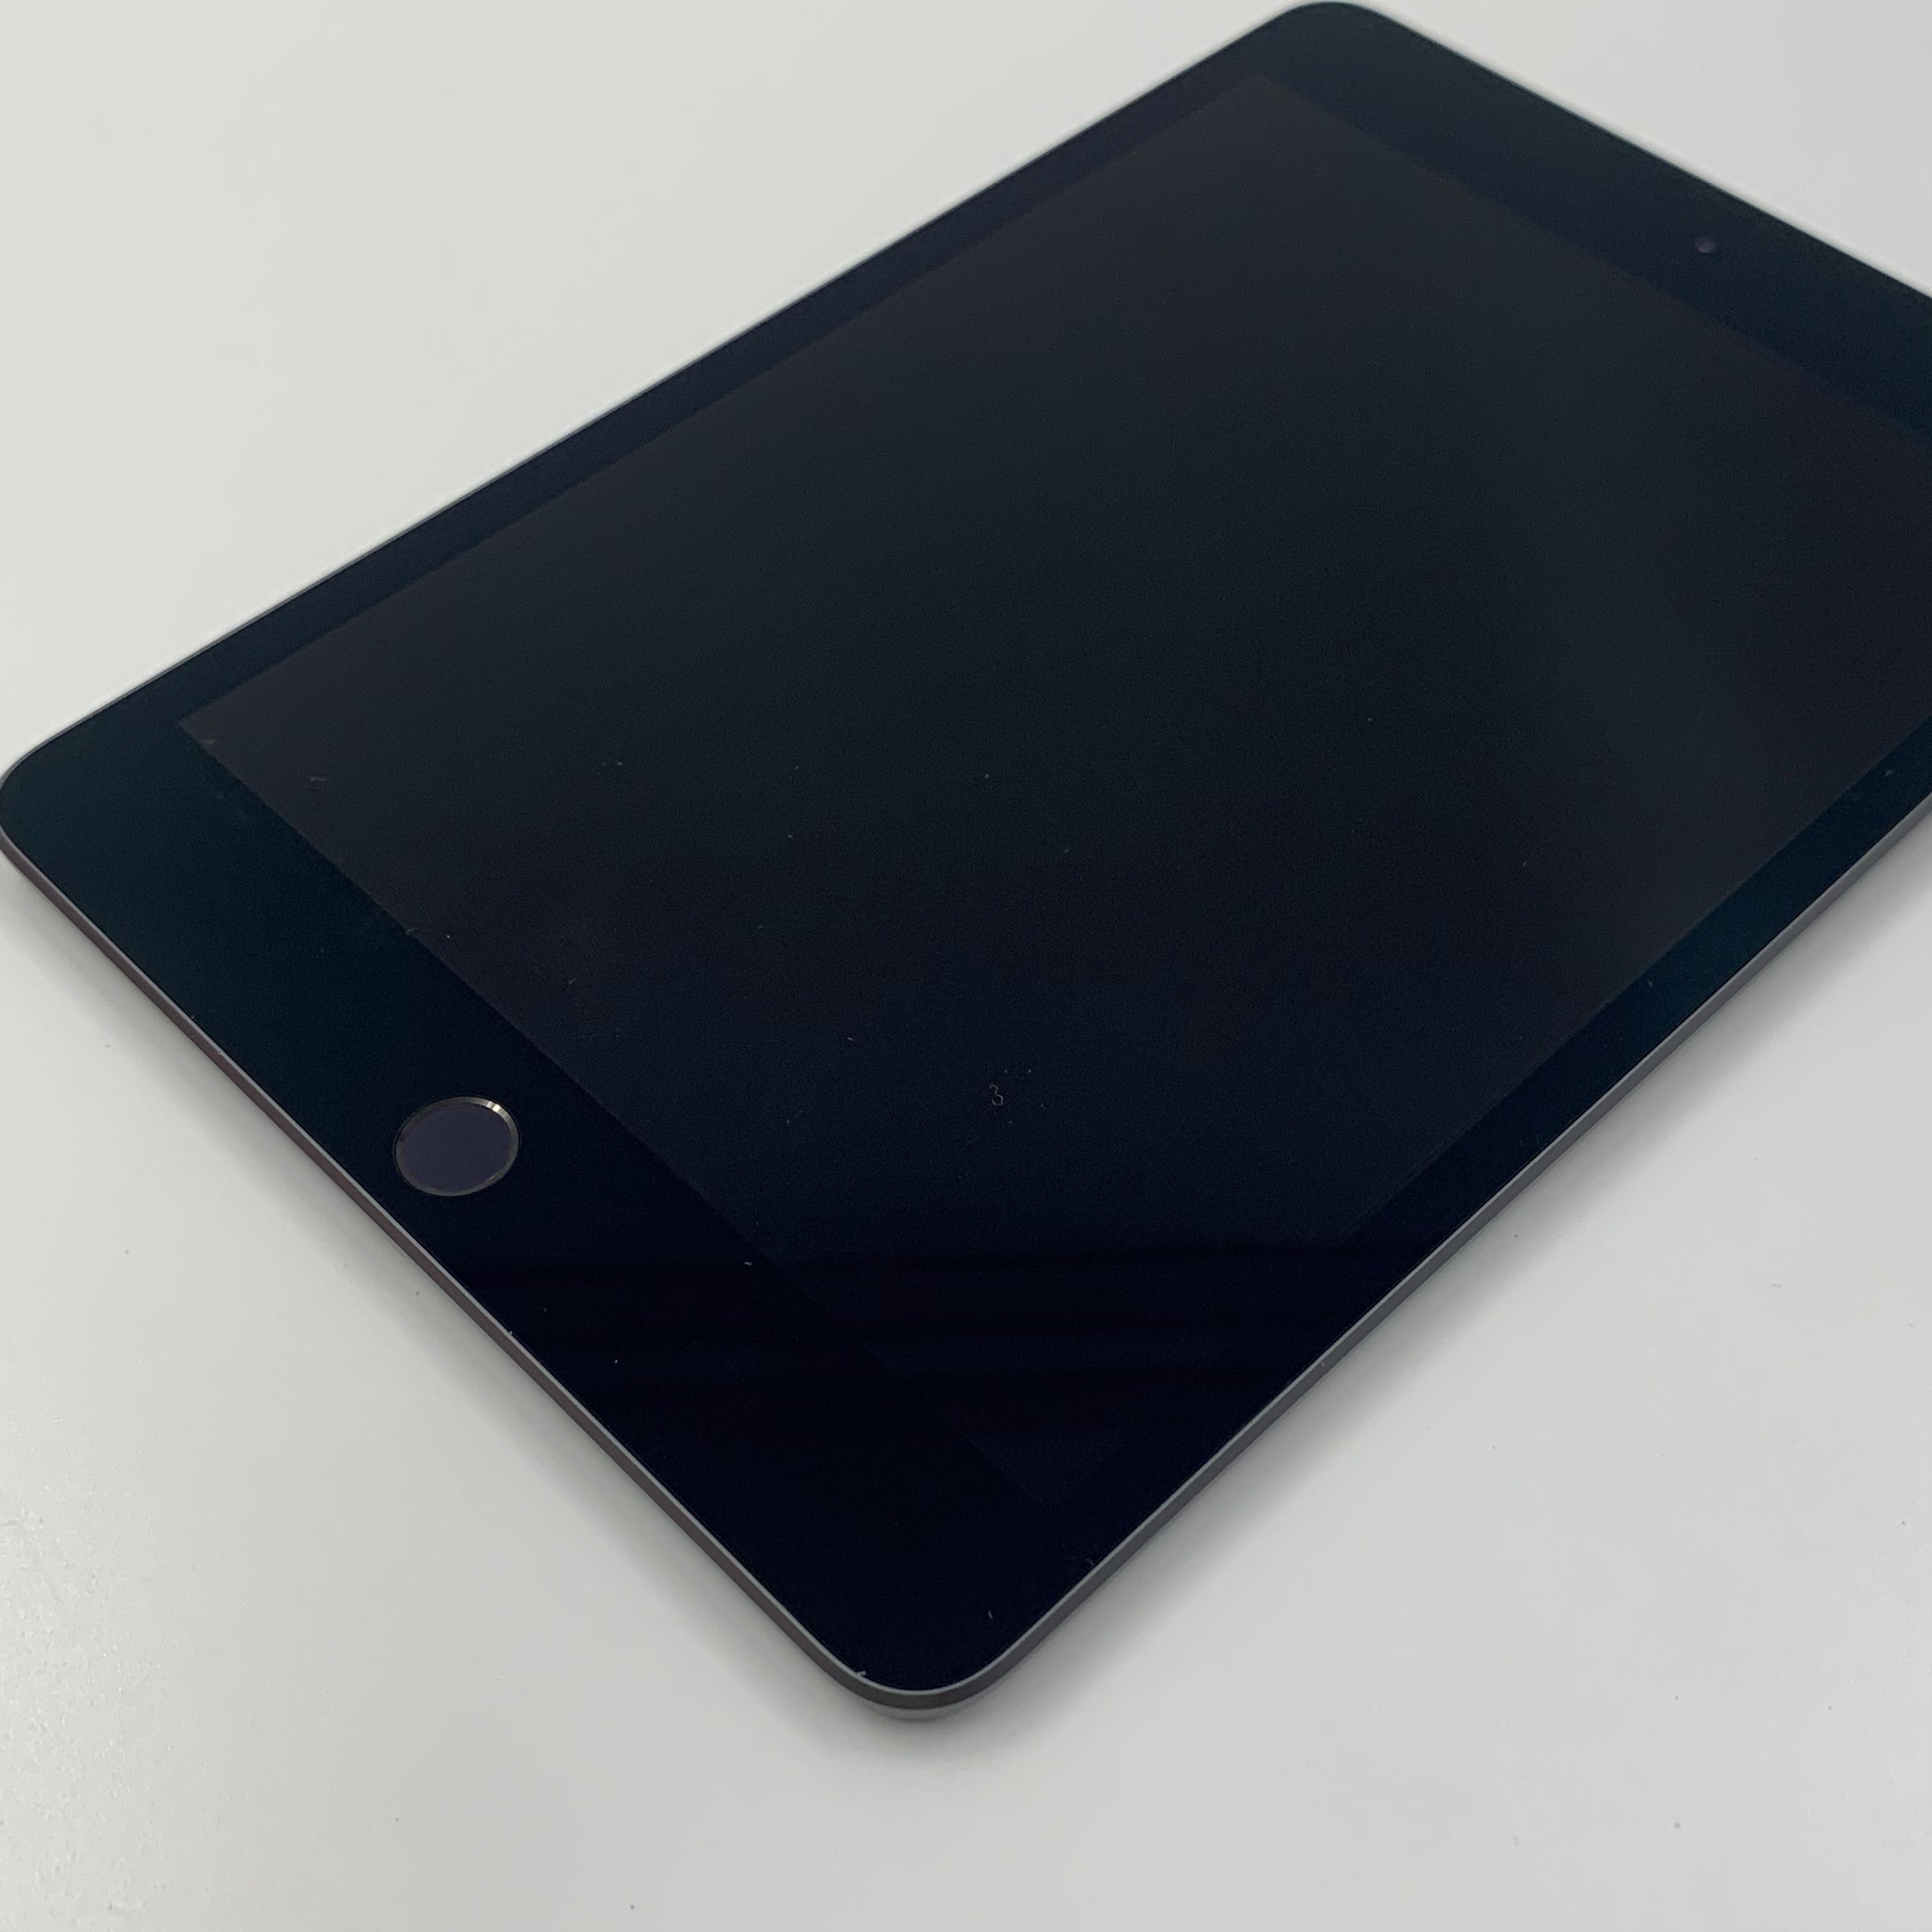 苹果【iPad mini5 7.9英寸 19款】WIFI版 深空灰 64G 国行 99新 真机实拍保修2021-08-15